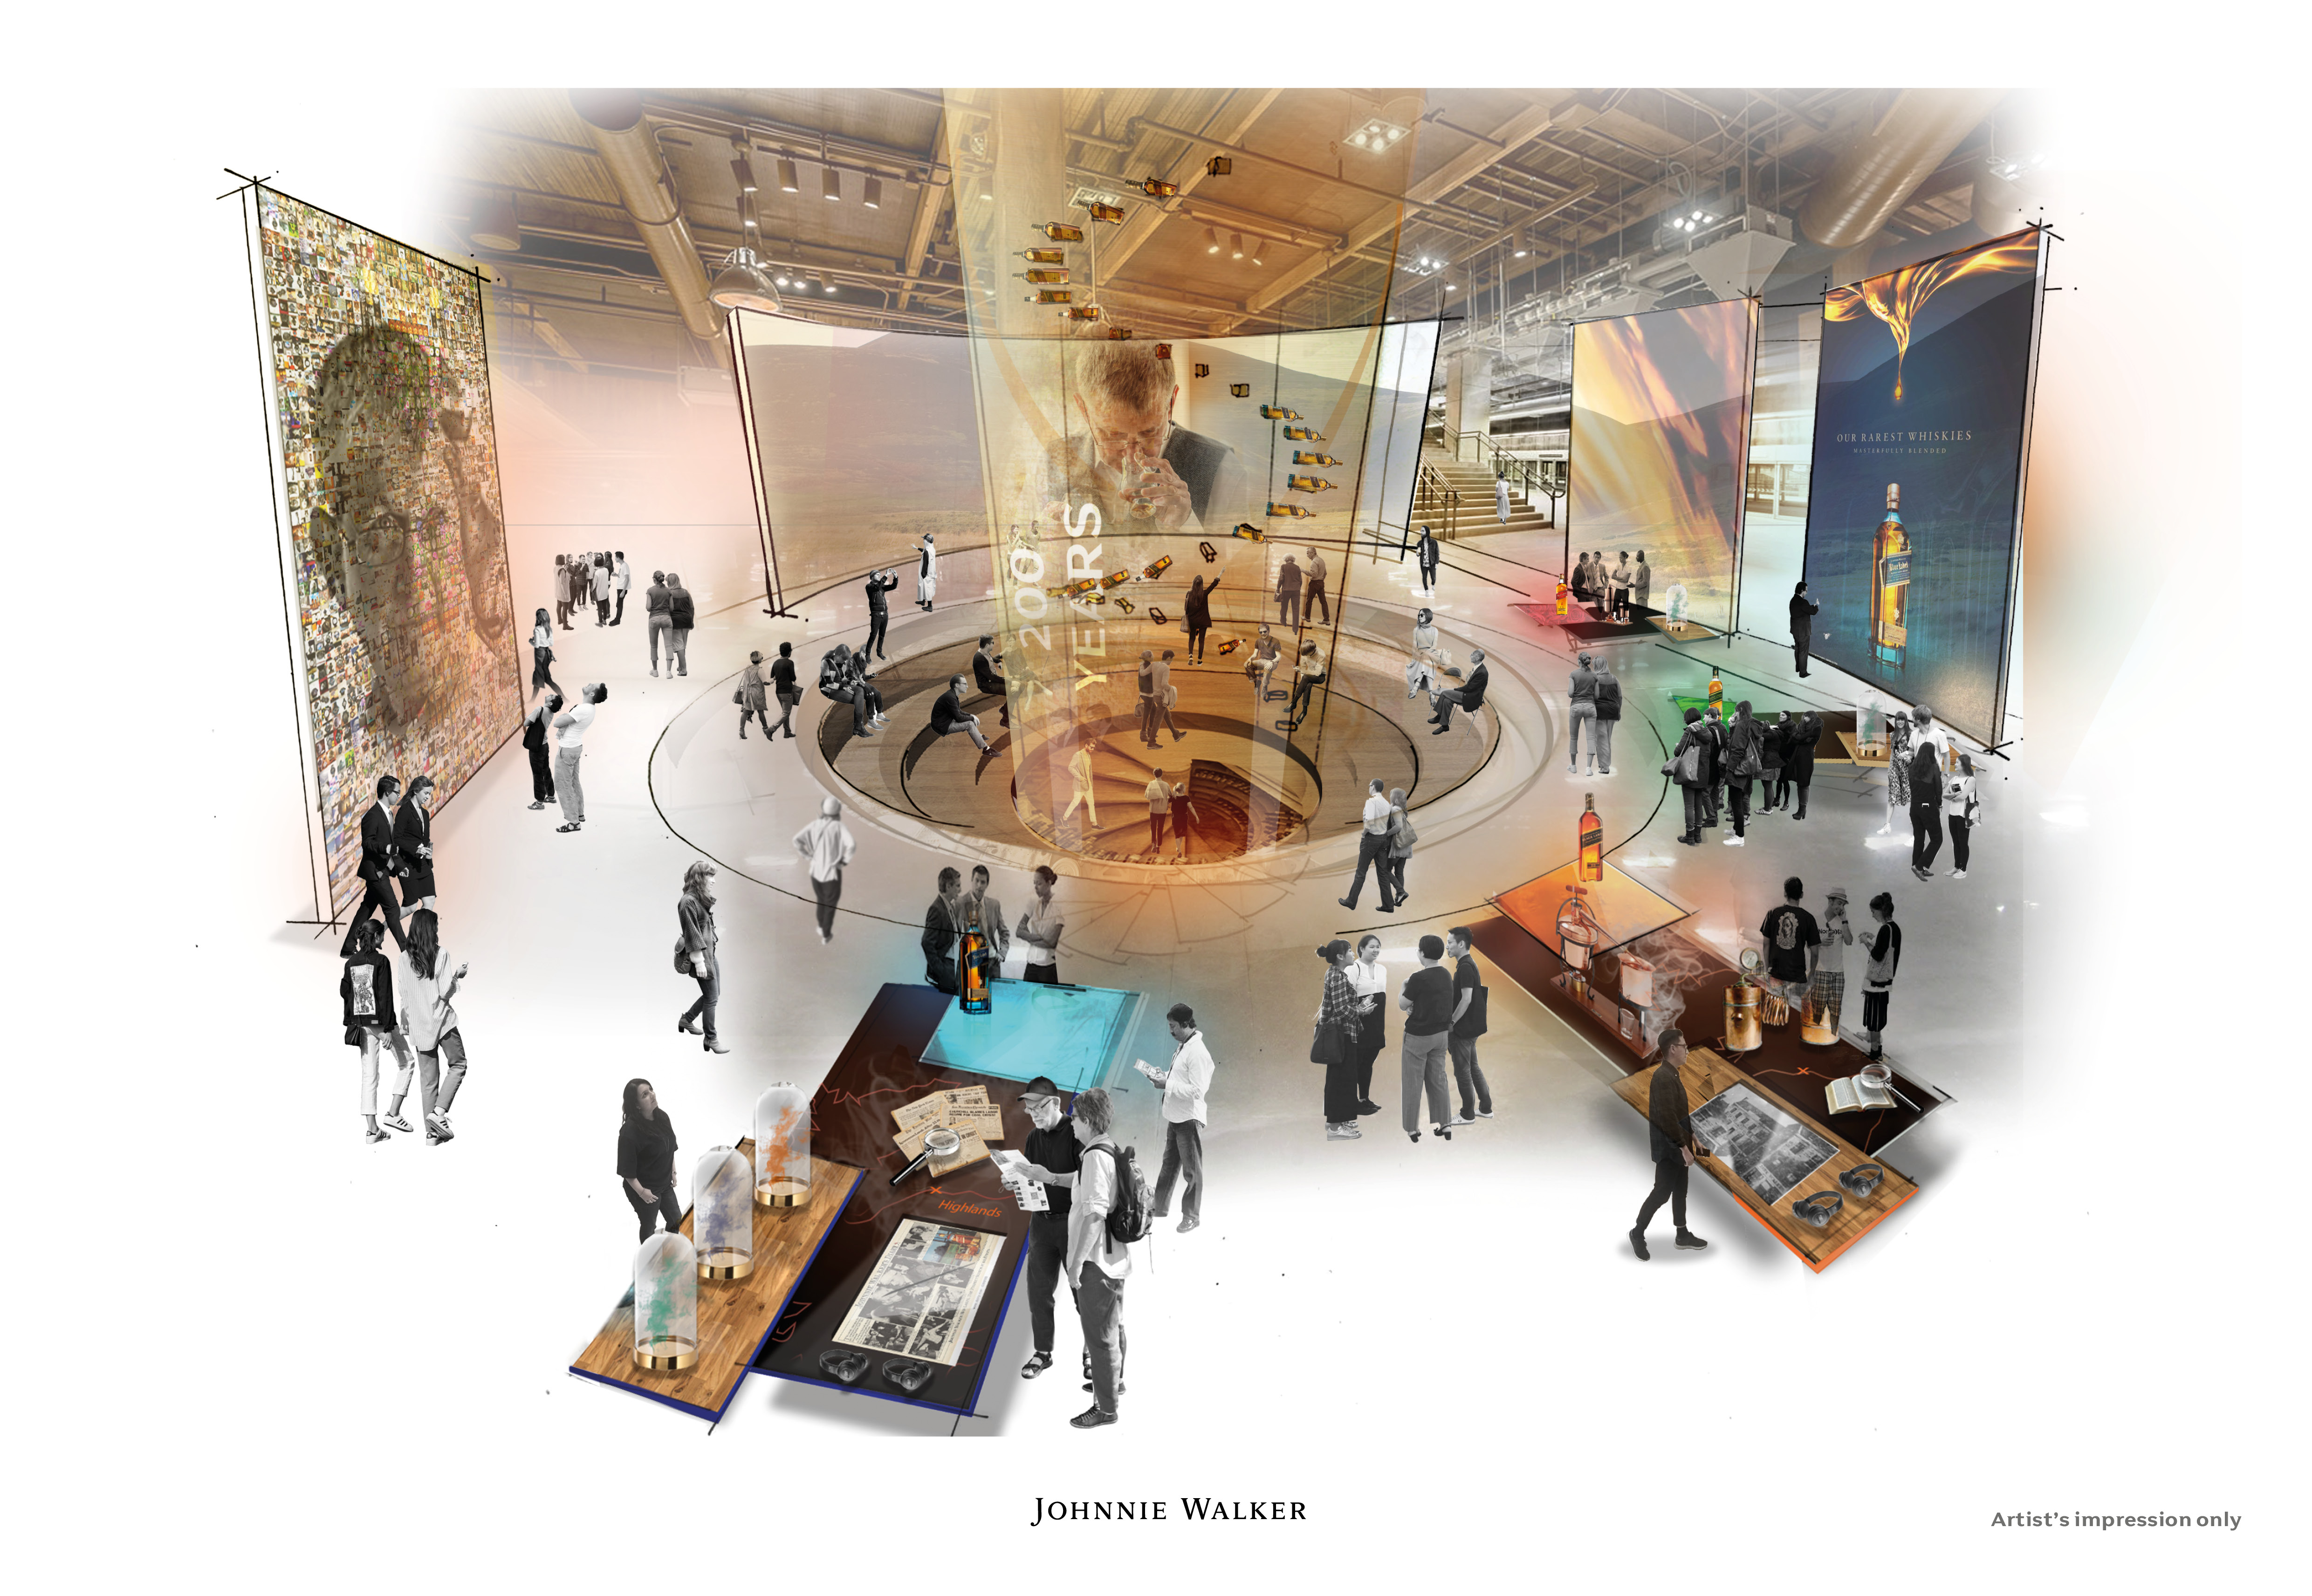 Johnnie Walker 2 - Johnnie Walker invertirá USD $210 millones para remodelar 12 destilerías en Escocia